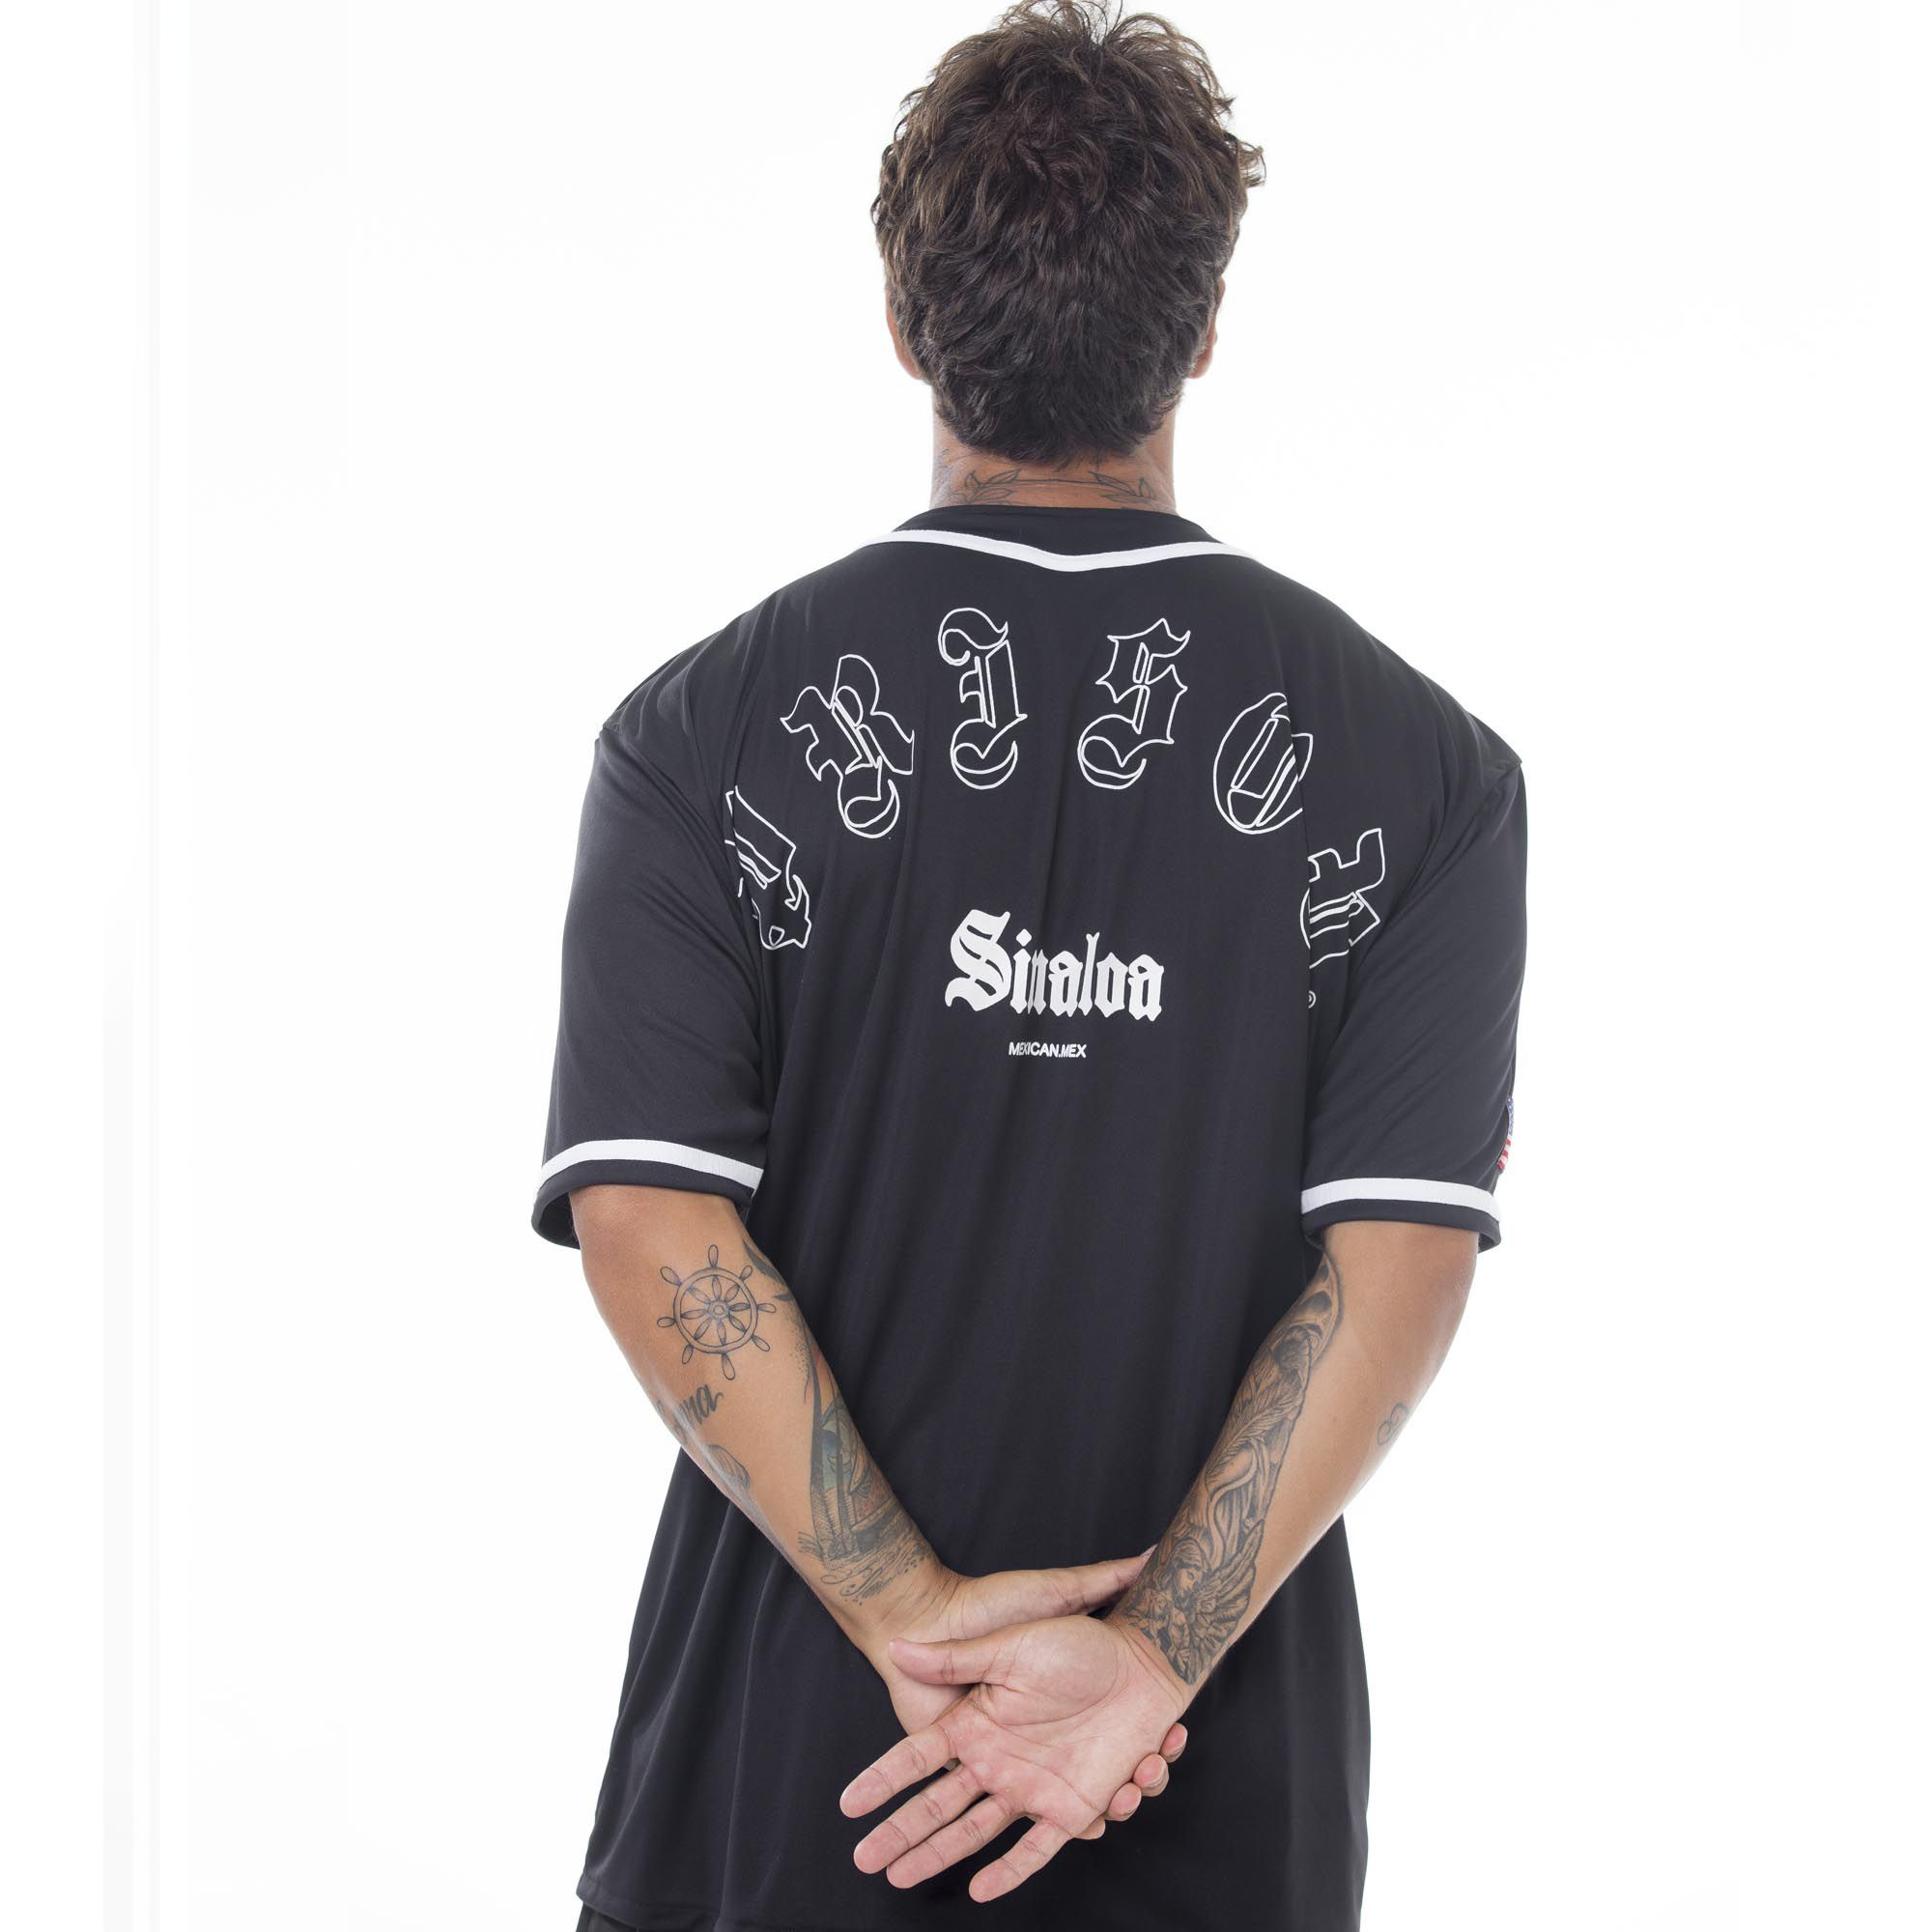 Camisa de Baseball Prison Sinaloa